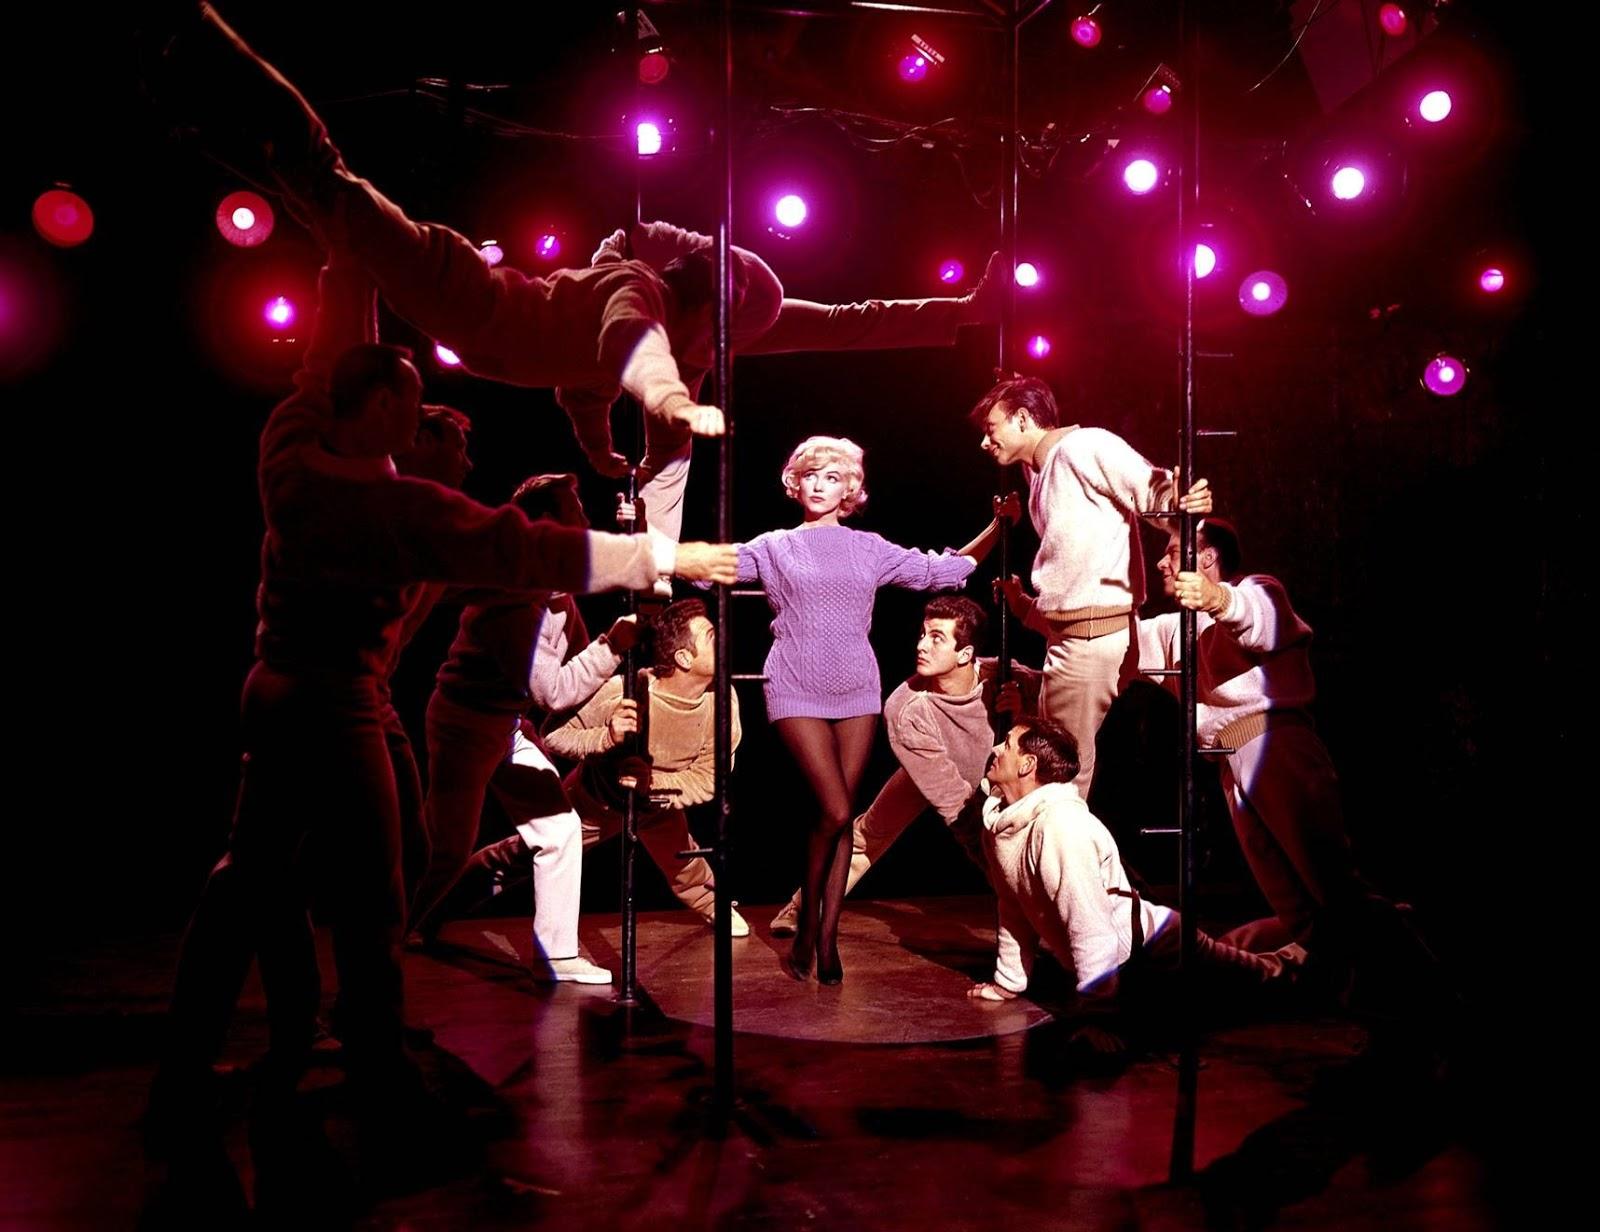 http://1.bp.blogspot.com/-1cojKV1E8yo/UJRezv9mZLI/AAAAAAAAa-Q/_4GSXriHBA4/s1600/Annex+-+Monroe,+Marilyn+(Let\'s+Make+Love)_14.jpg